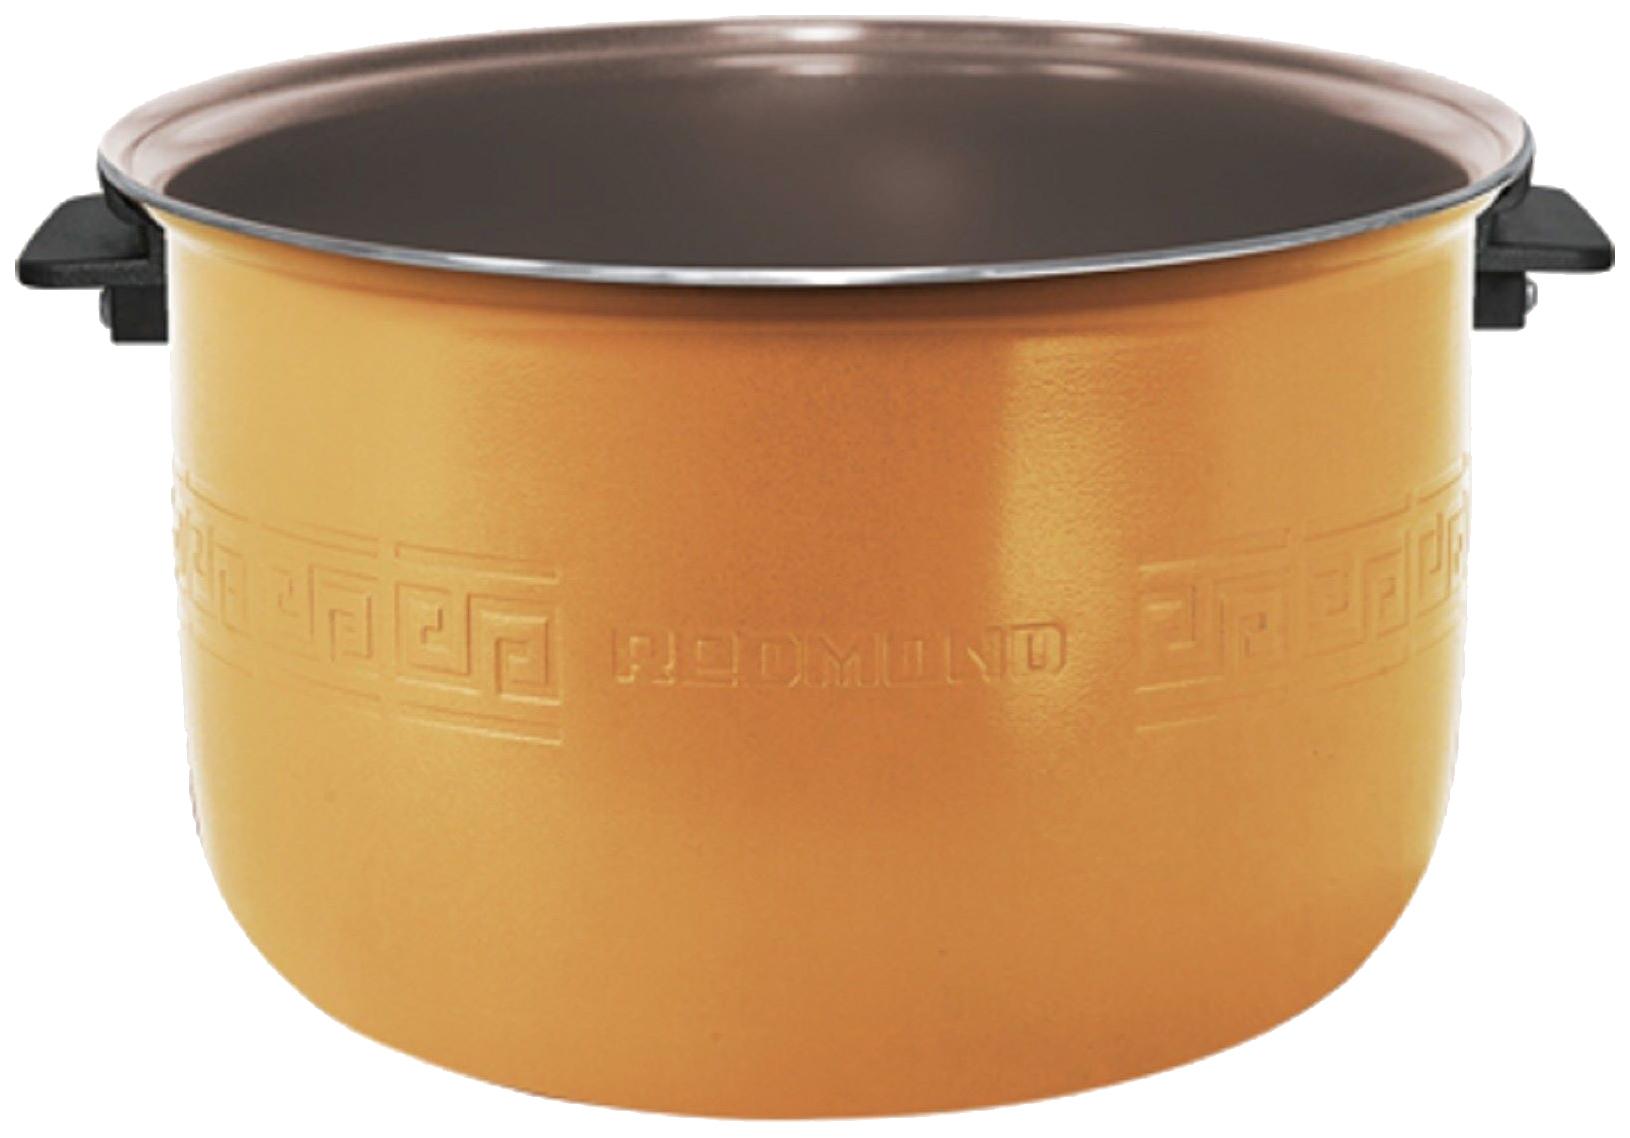 Чаша для мультиварки Redmond RB C515 Золотистый,